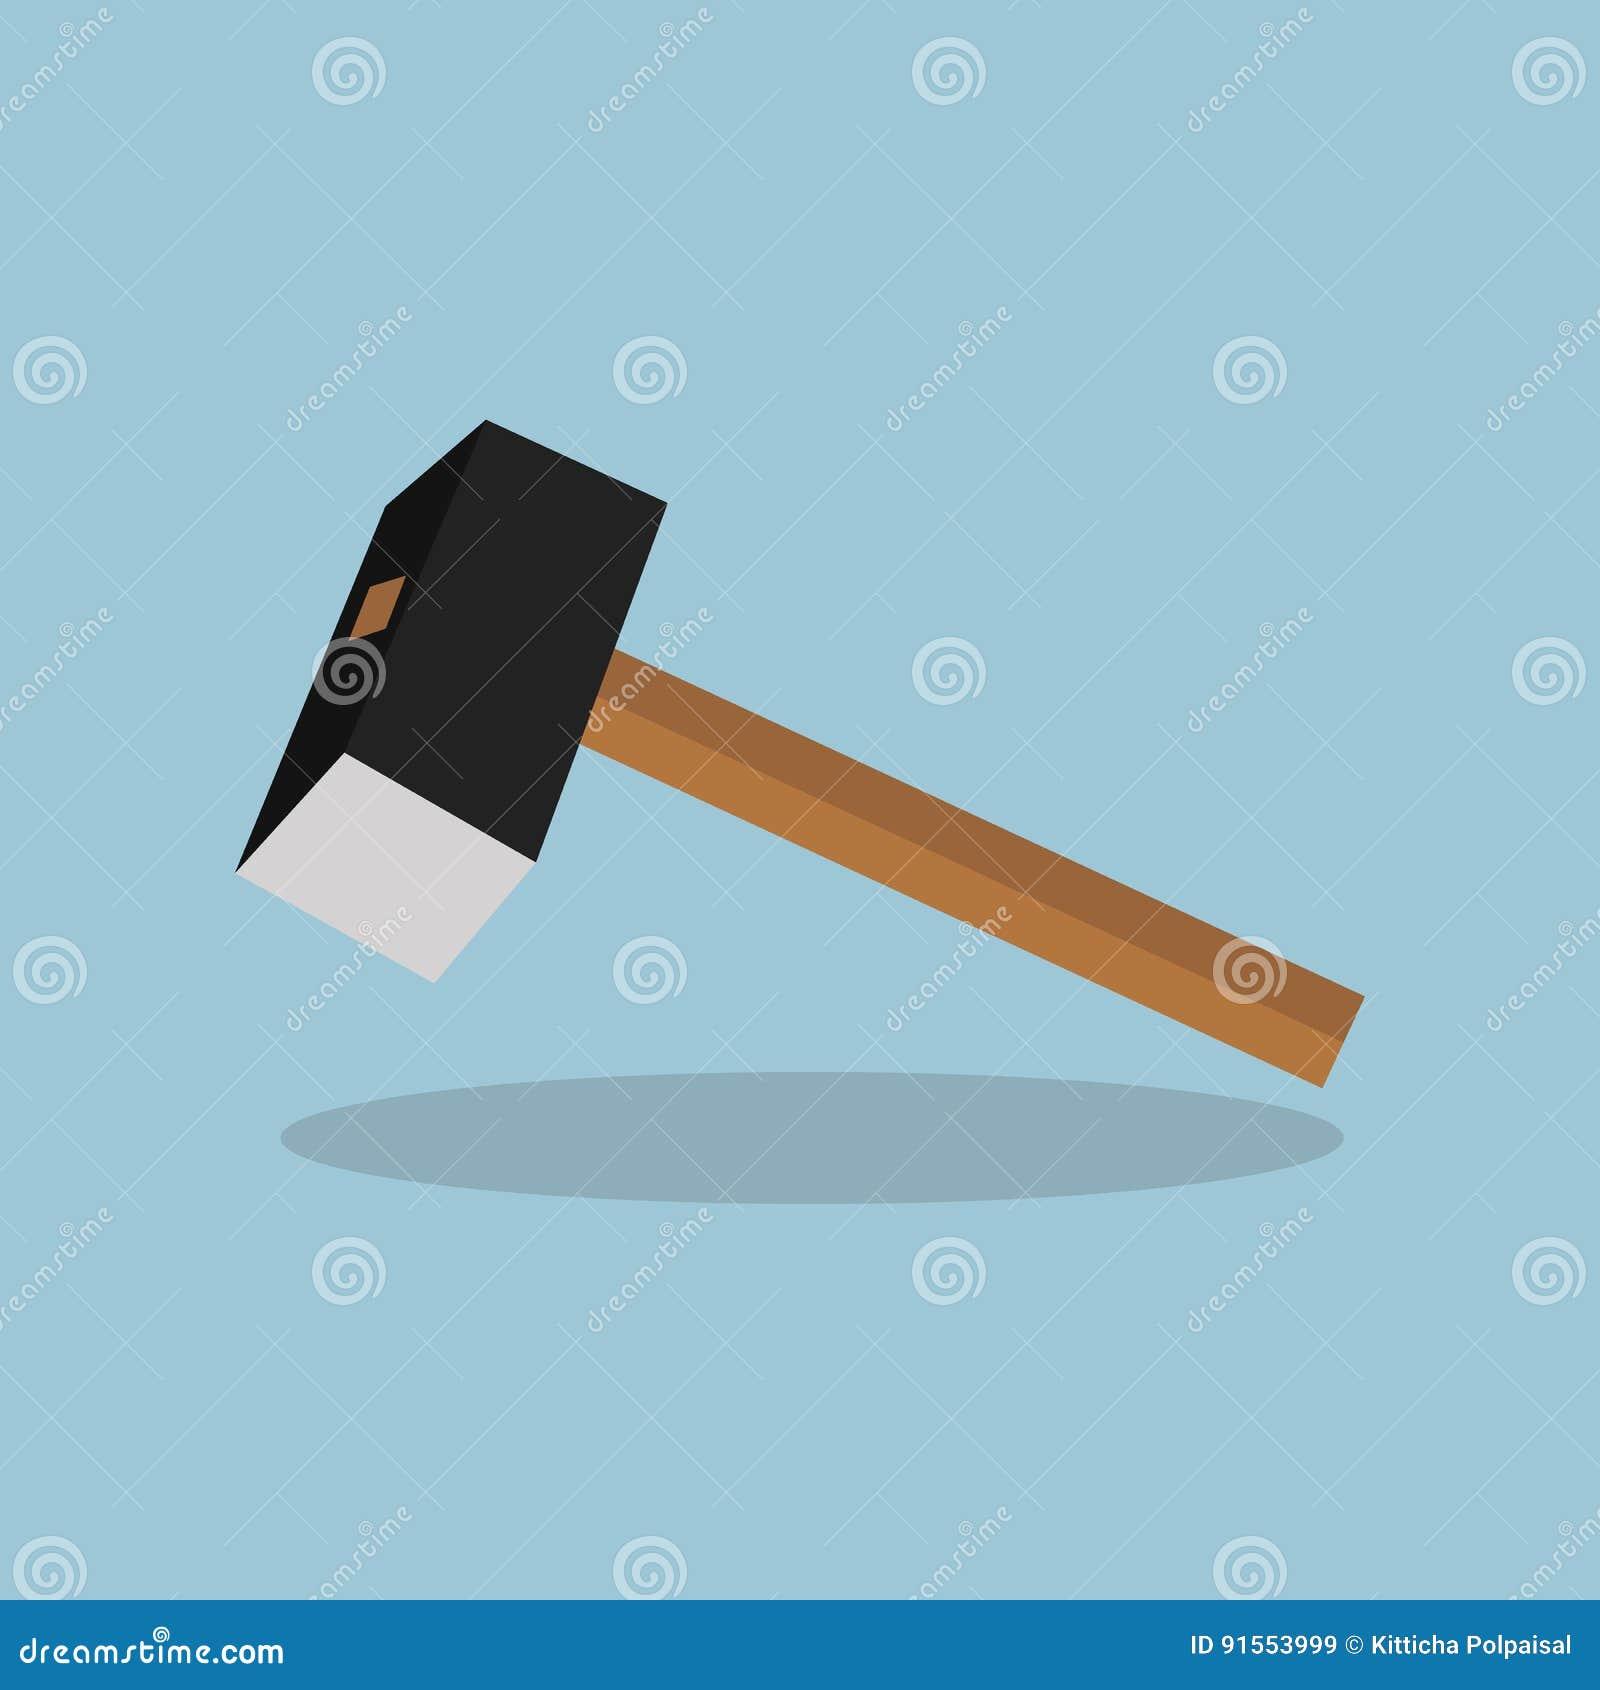 vorschlaghammer, hammer, werkzeug, hammer vektor abbildung